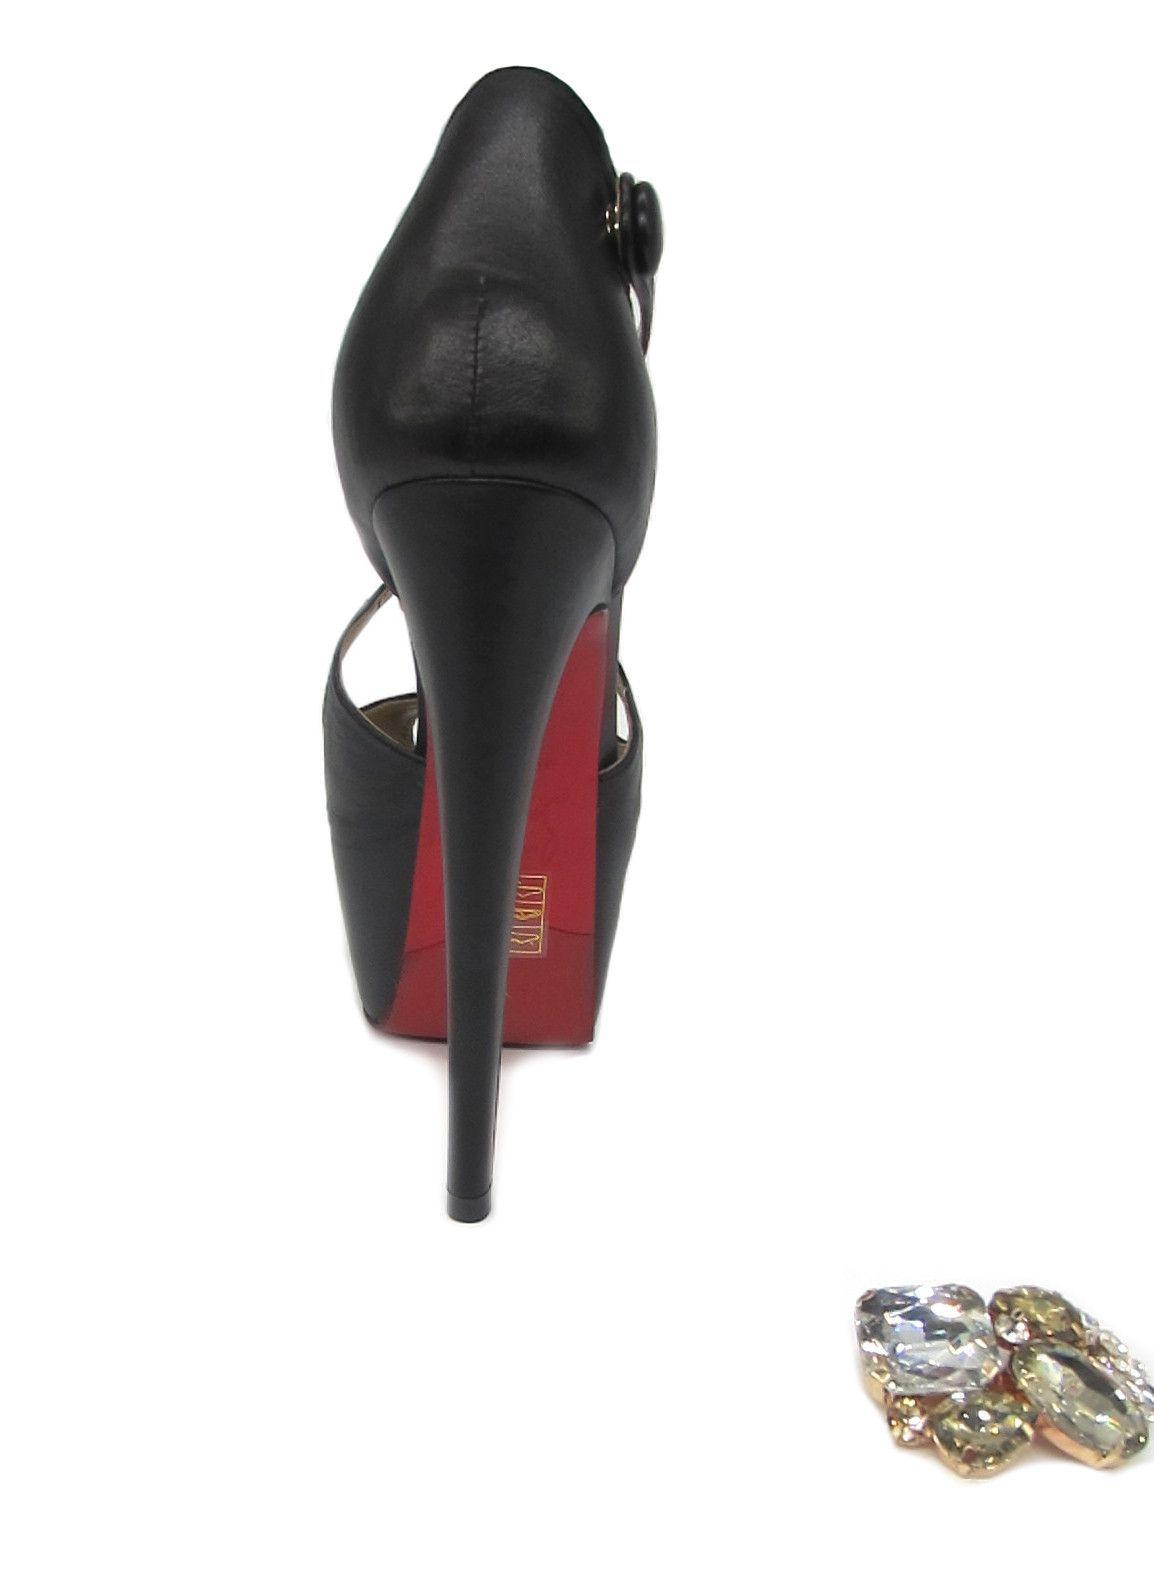 39d2d0def52 Killer Heels - 6 inch Heels Black Strappy Platform High Heels - Angelina  Voloshina - AV Heels - 3